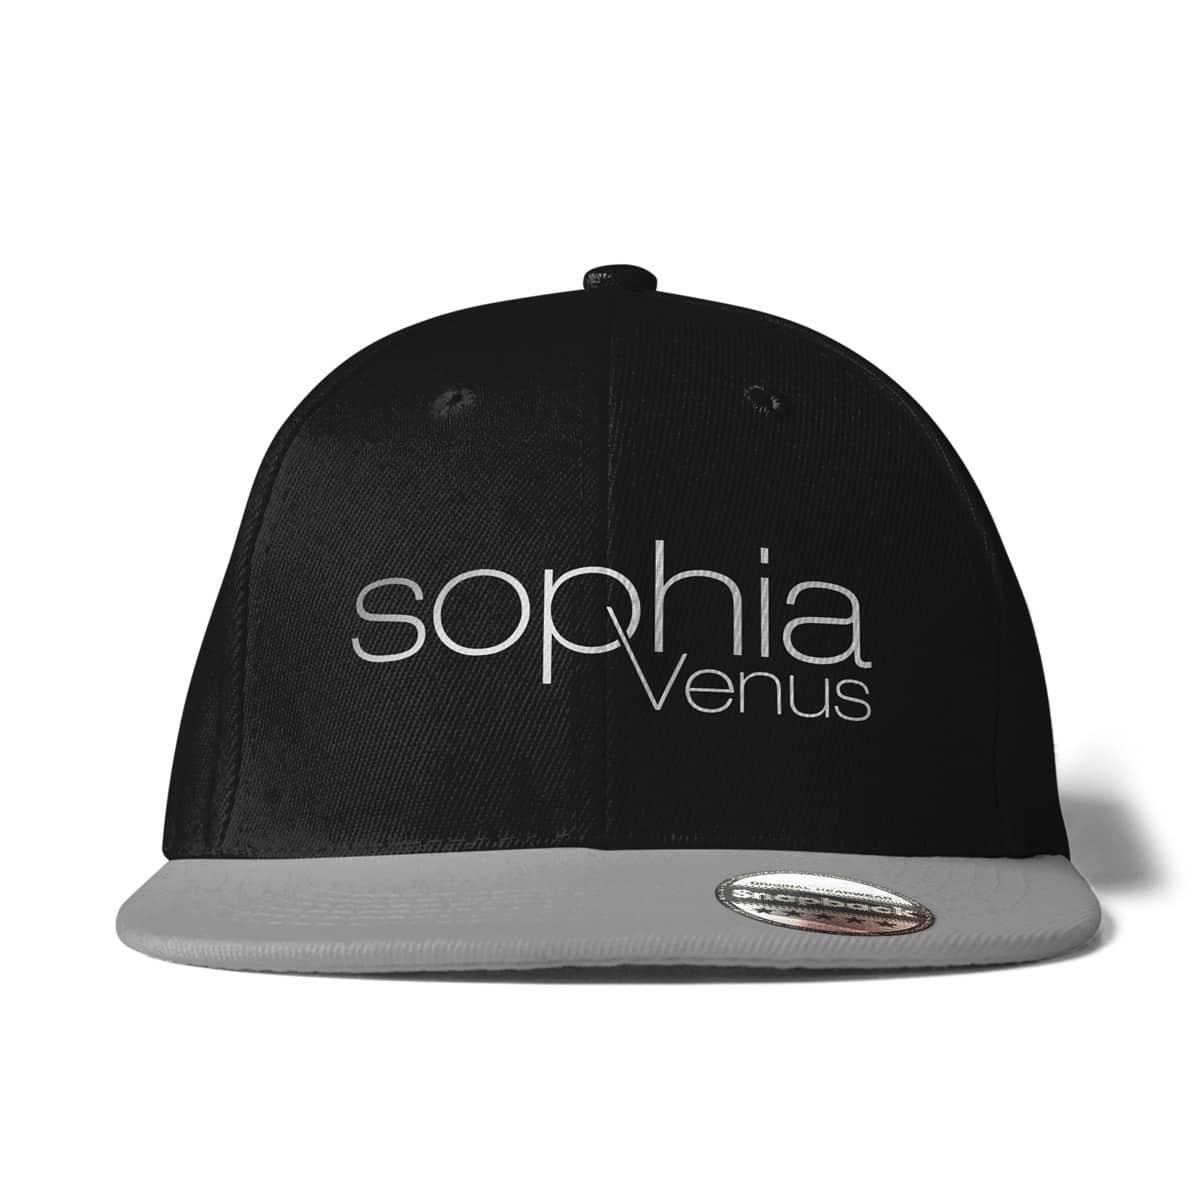 Cap Snapback Sophia Venus Schriftzug schwarz-grau